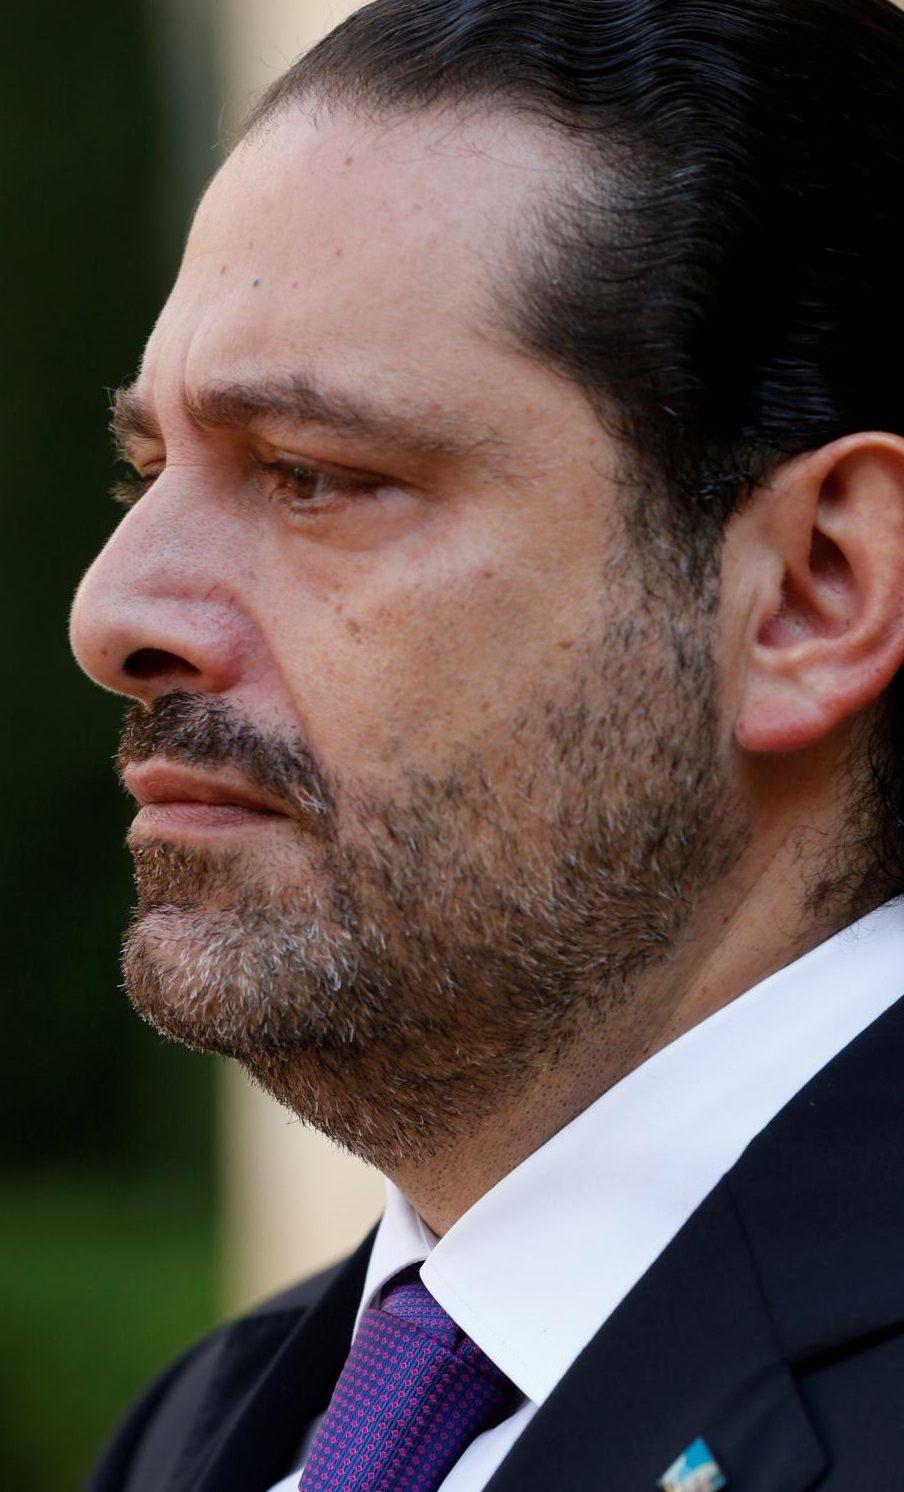 صحف لبنانية: شلل في مسار تشكيل حكومة الحريري في ظل تصلب مواقف القوى السياسية